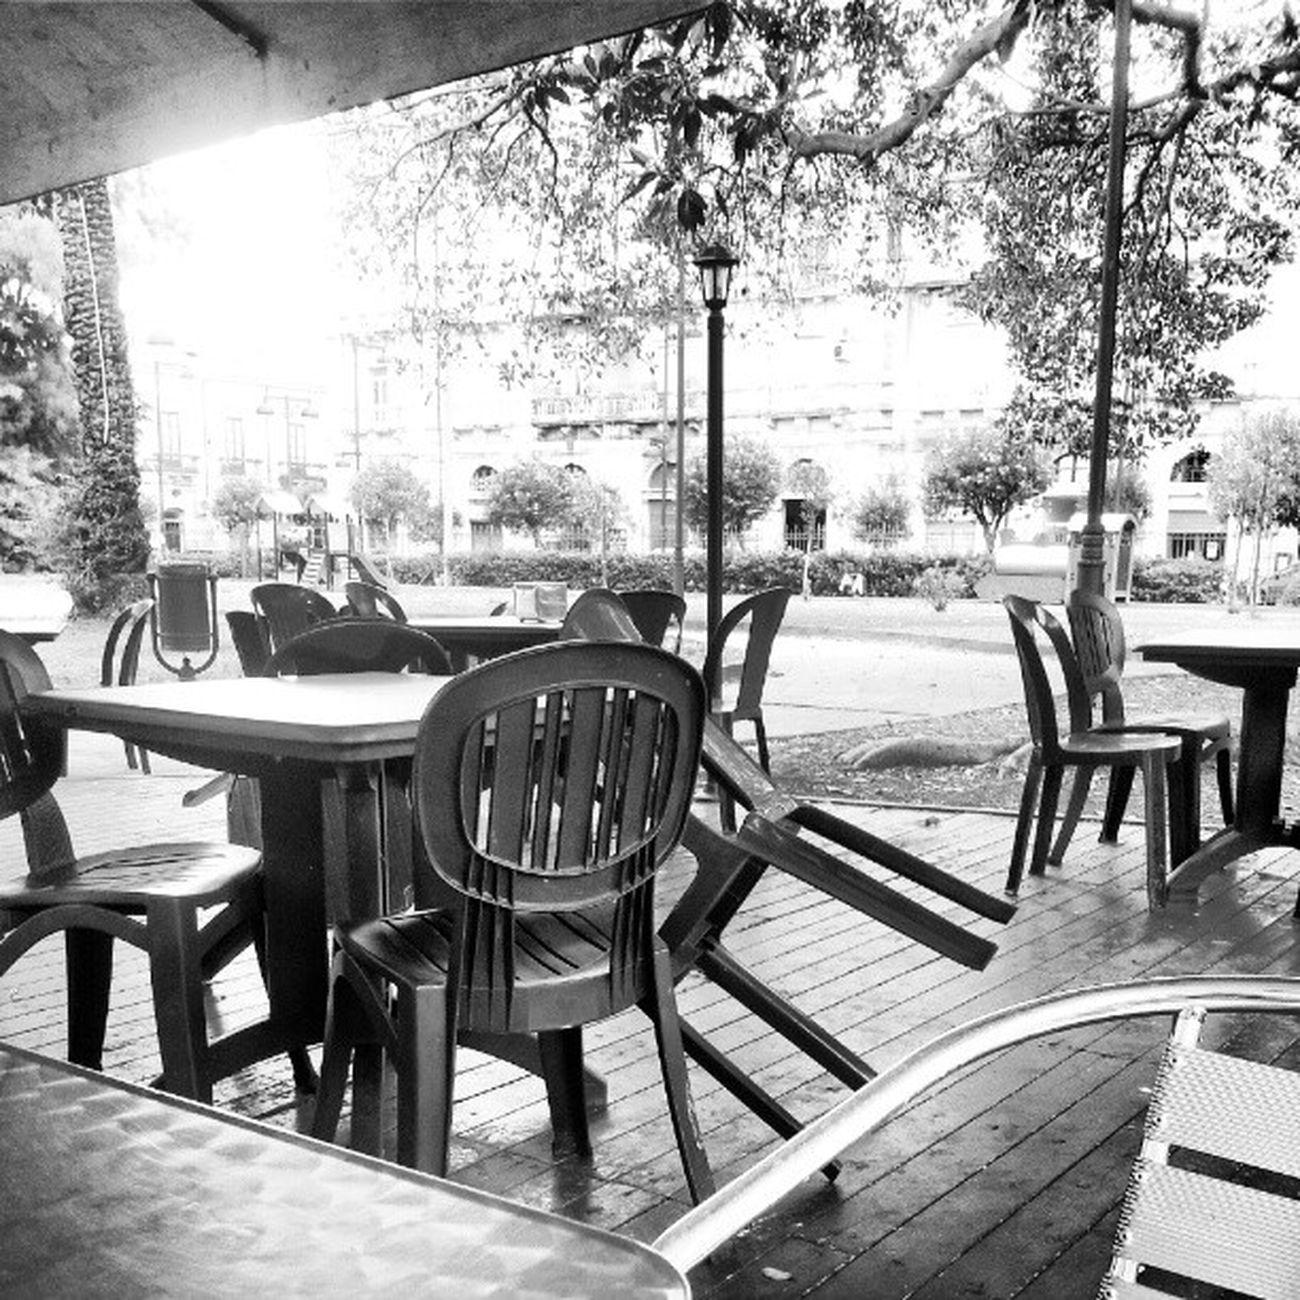 Colazione post scolastica Breakfast Siracusa Ortigia Villini natute park instagram instamood picoftheday instapic